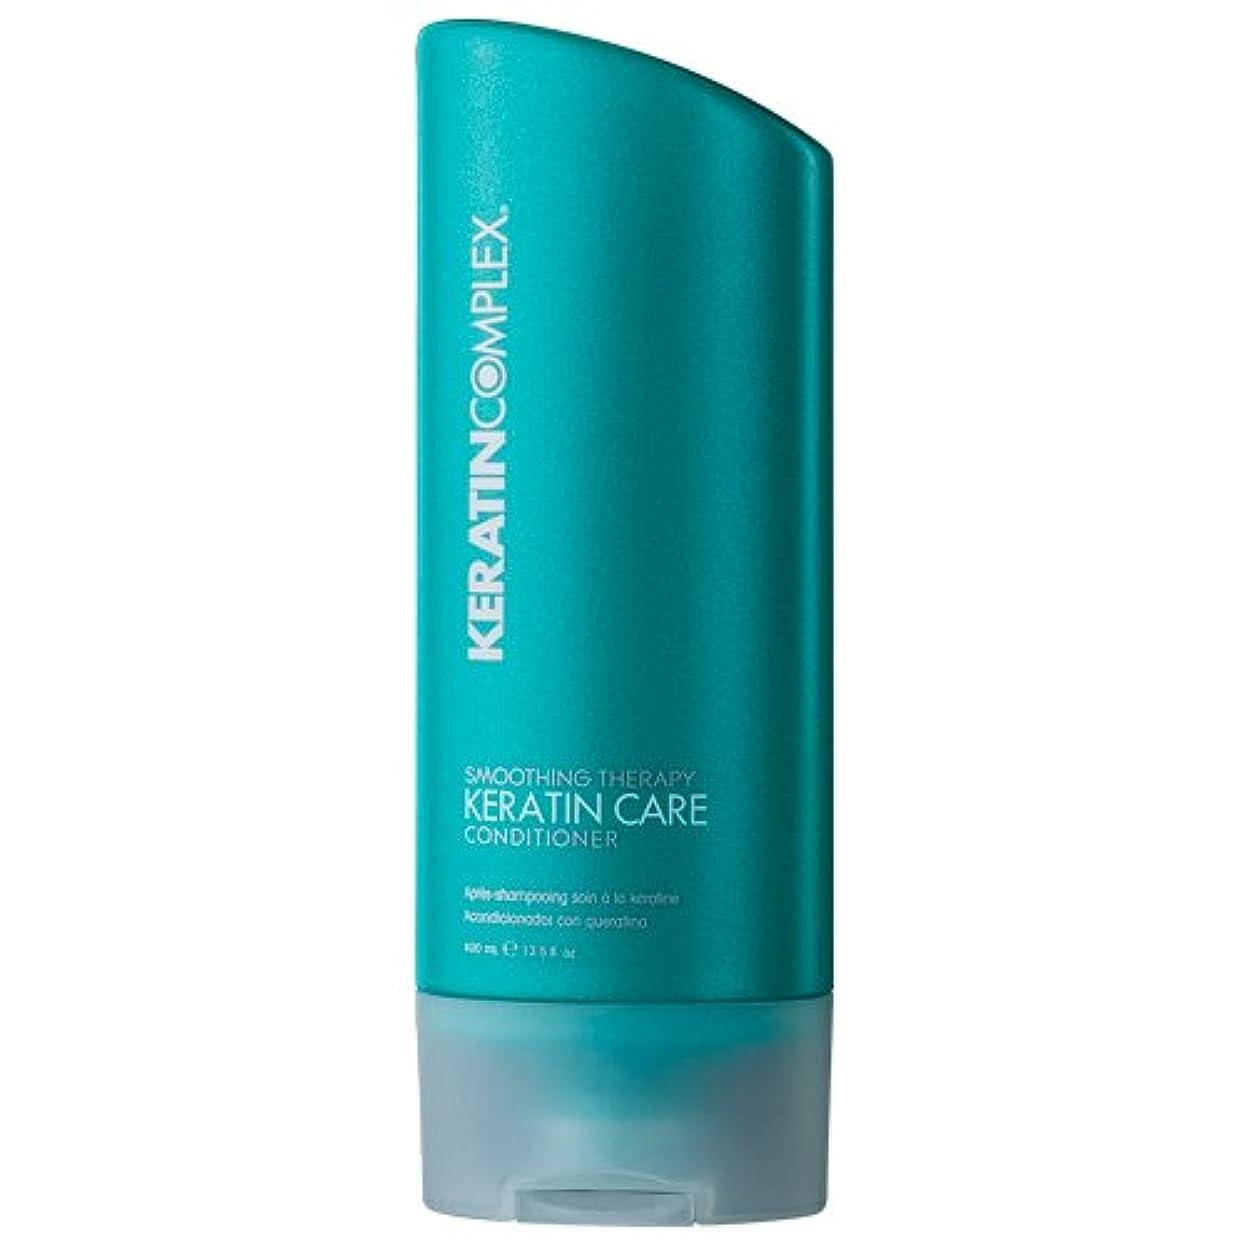 重要な塩辛い外交問題Smoothing Therapy Keratin Care Conditioner (For All Hair Types) - 400ml/13.5oz